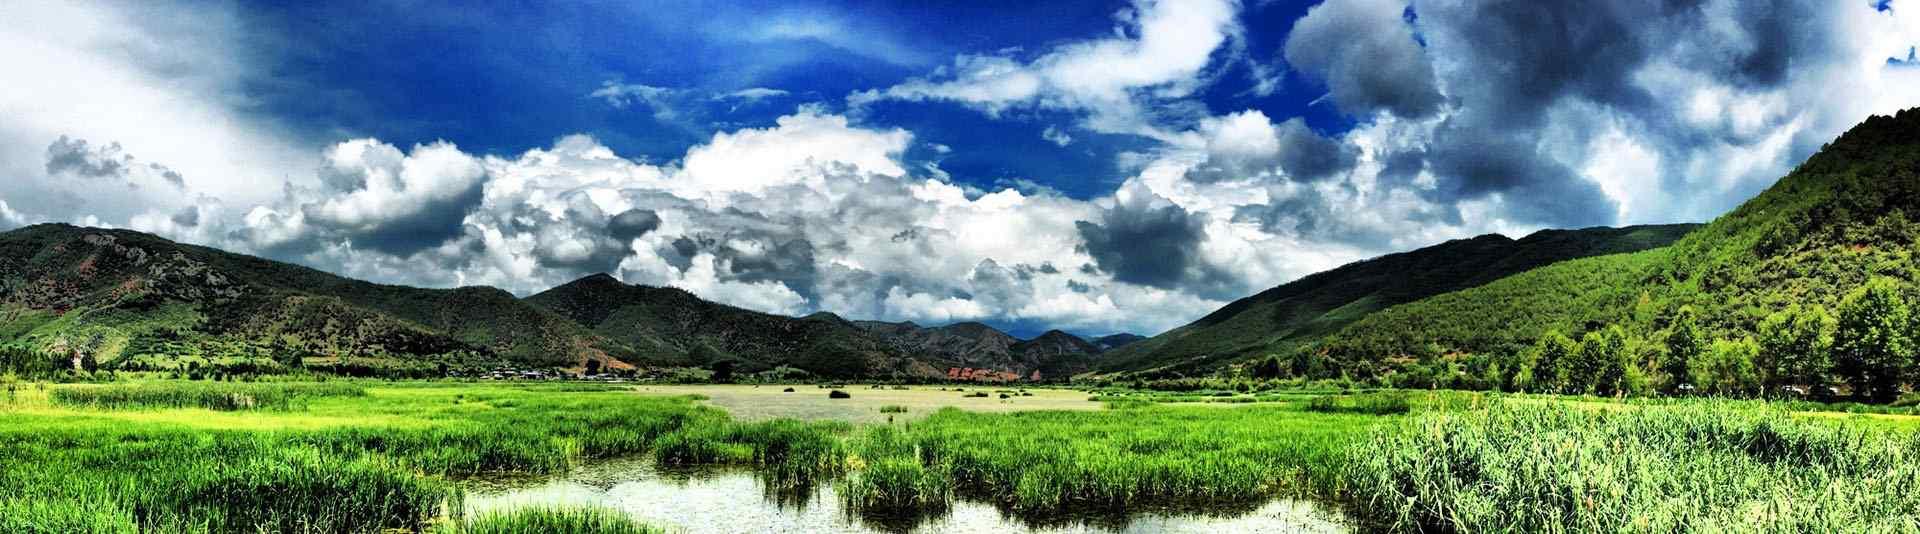 泸沽湖_四川泸沽湖风景图片_泸沽湖星空图片_泸沽湖手机壁纸_风景壁纸